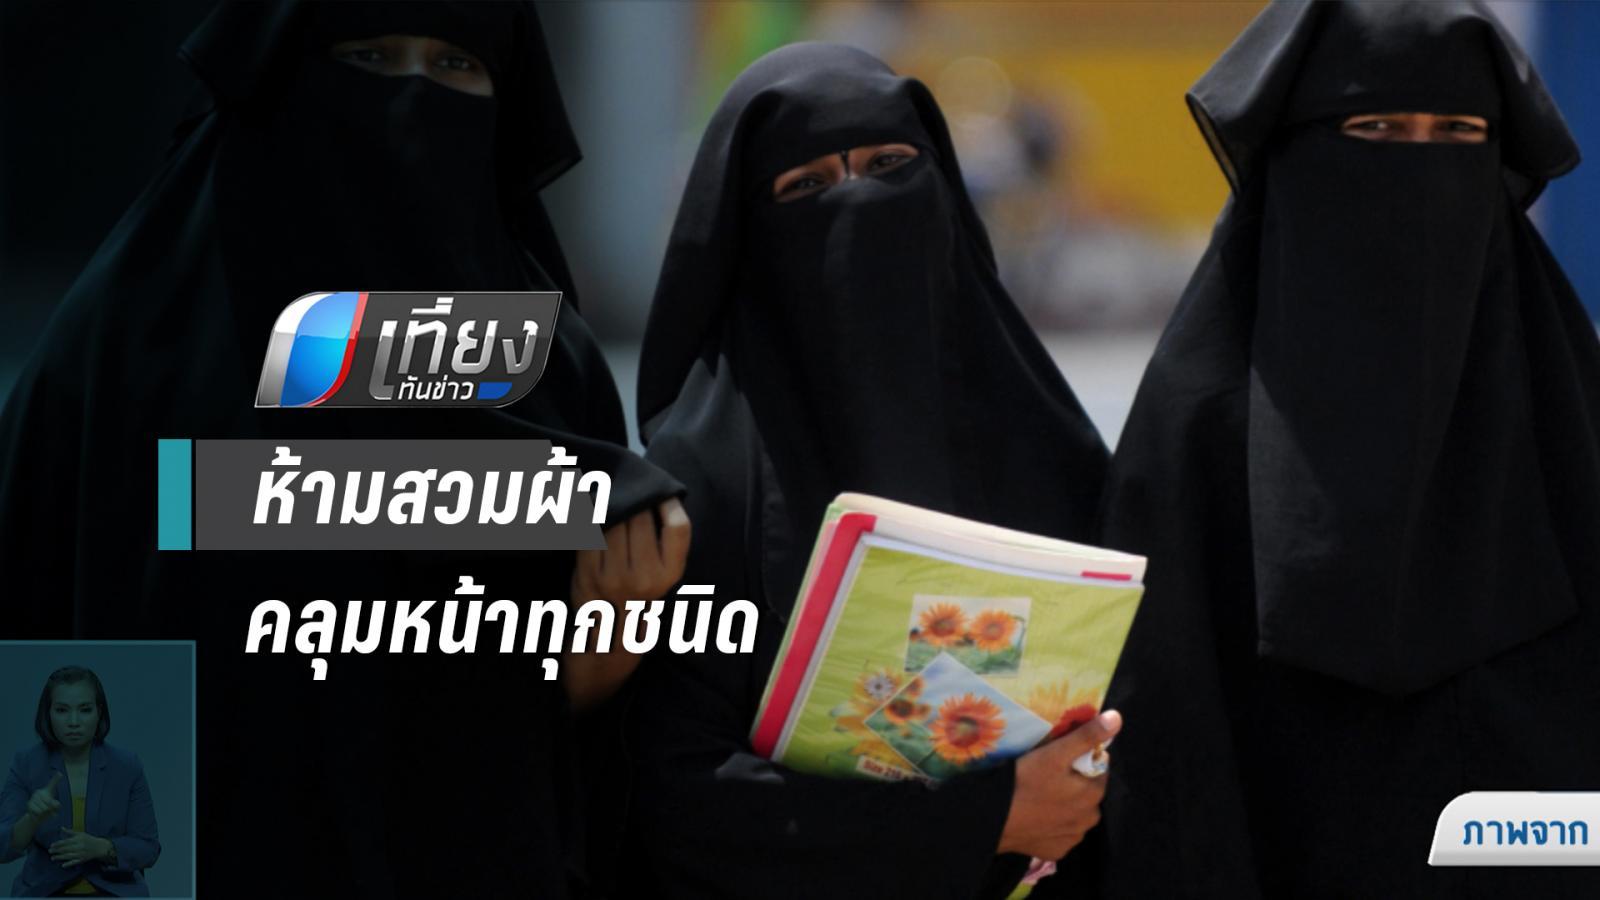 """""""ศรีลังกา"""" สั่งห้าม หญิงมุสลิม สวมผ้าคลุมหน้า"""